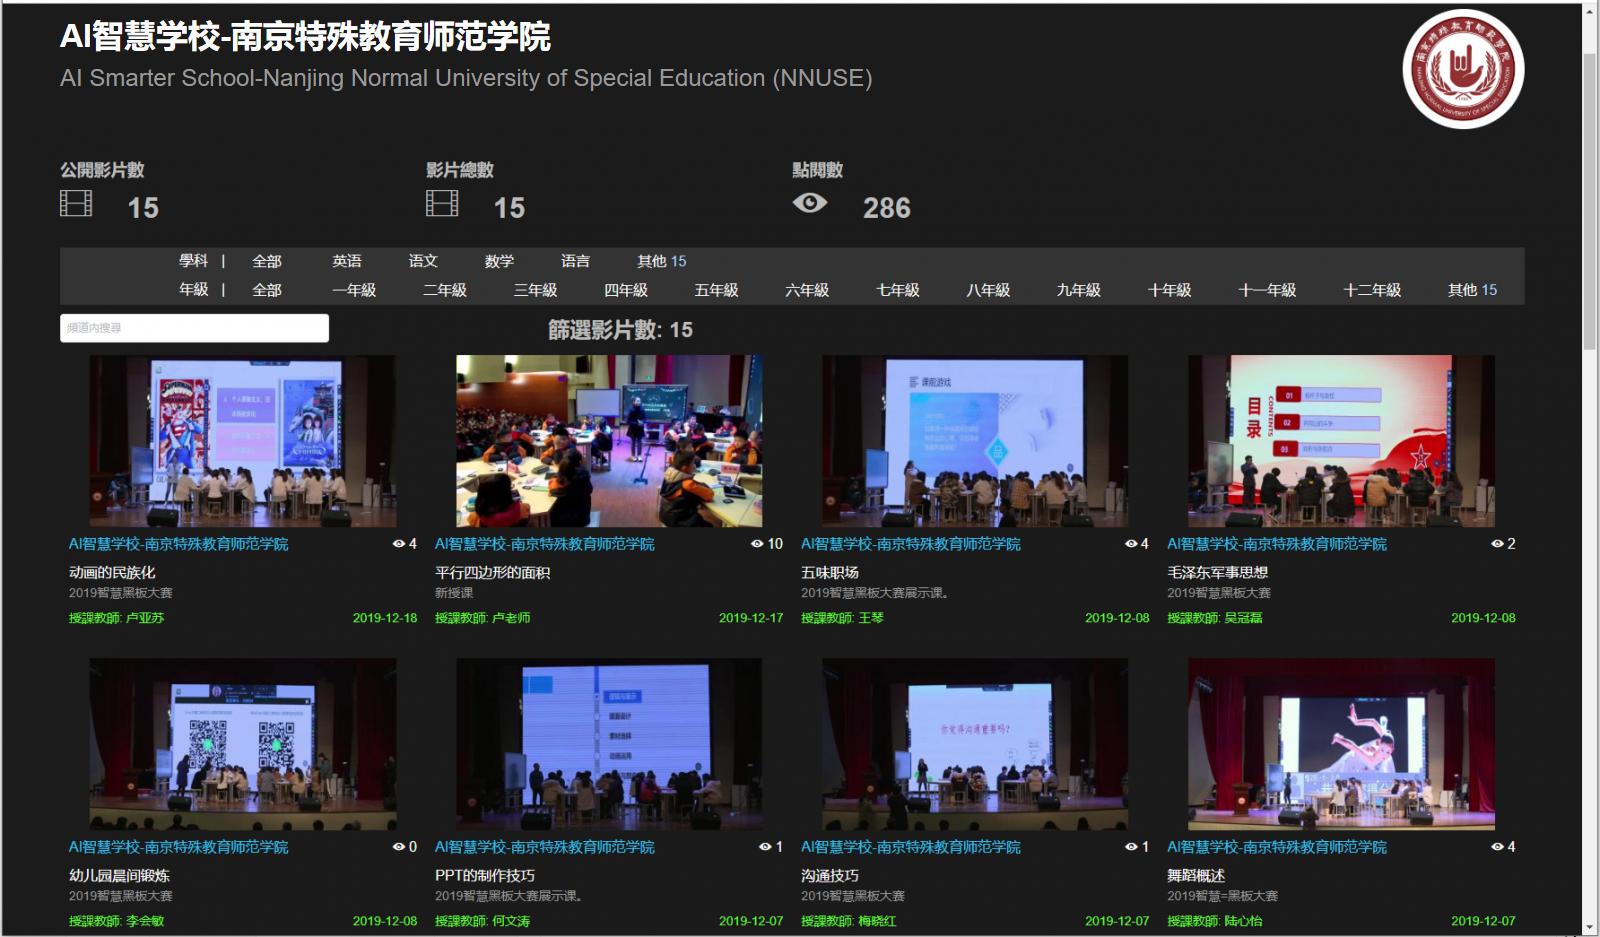 南京特殊教育師範學院蘇格拉底課例專屬頻道